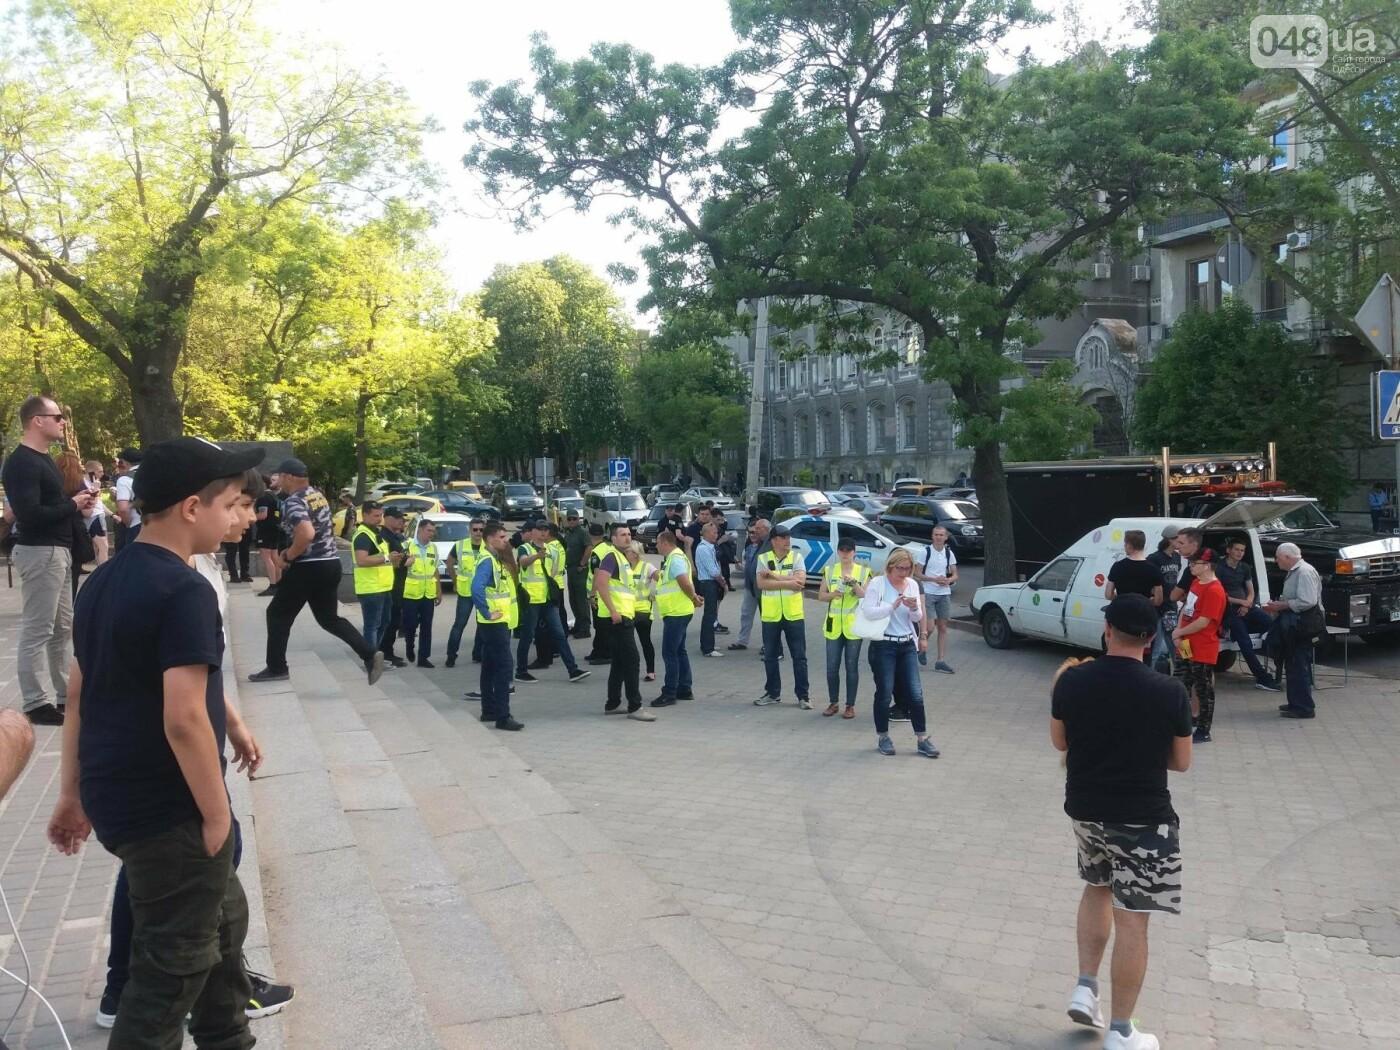 Как Одесса пережила 4-ю годовщину 2 мая: хронология событий (ФОТО, ВИДЕО), фото-17